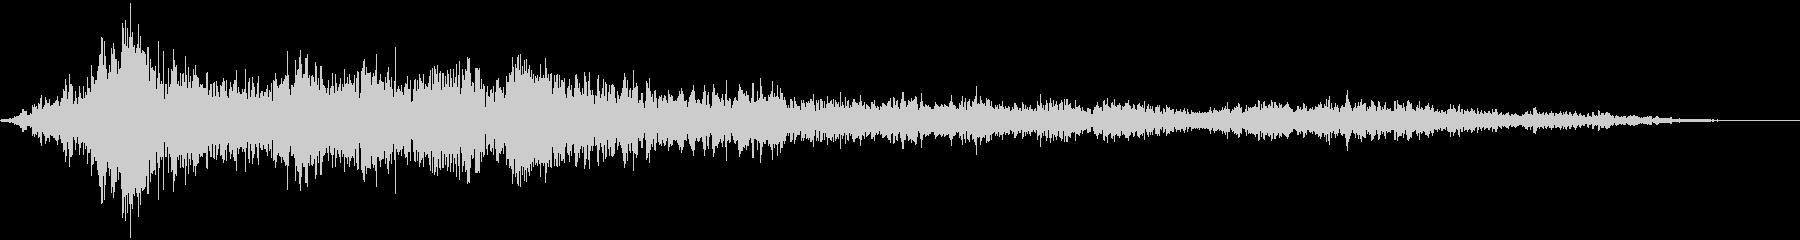 【ホラー】ダークアンビエント_03 の未再生の波形